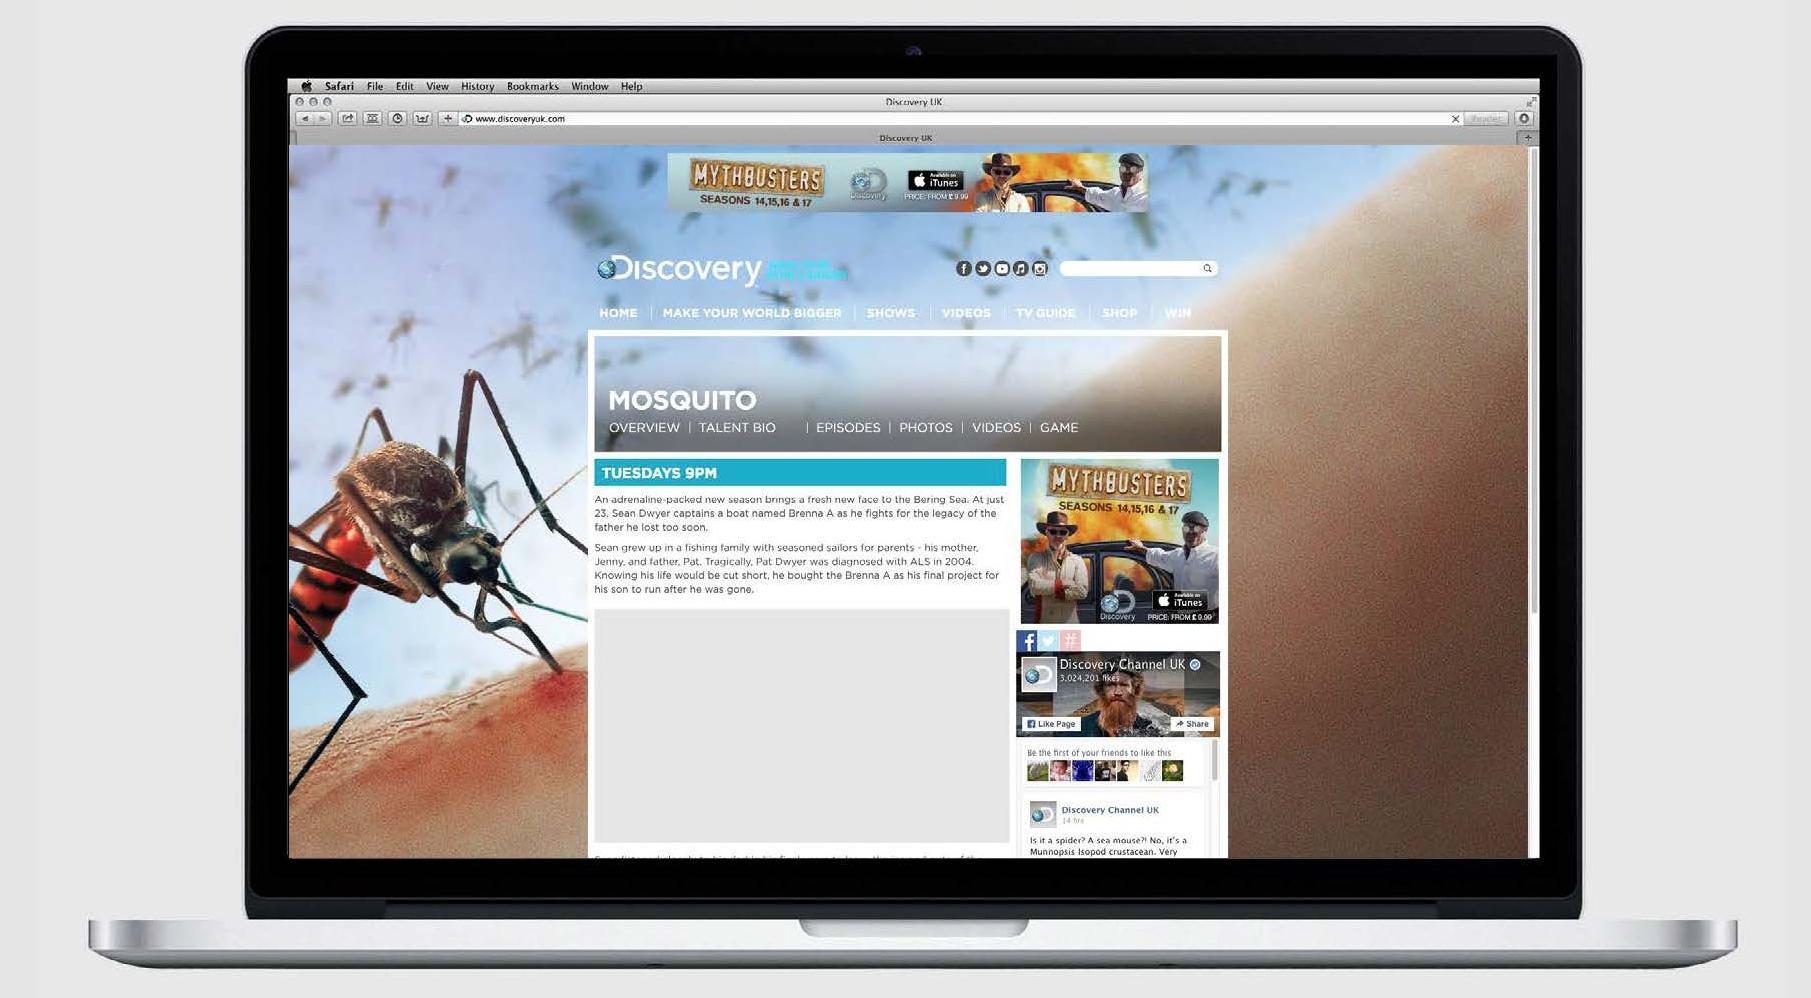 DCUK_MOSQUITO_DiscoveryUK.com_Presentation_06_Page_6.jpg